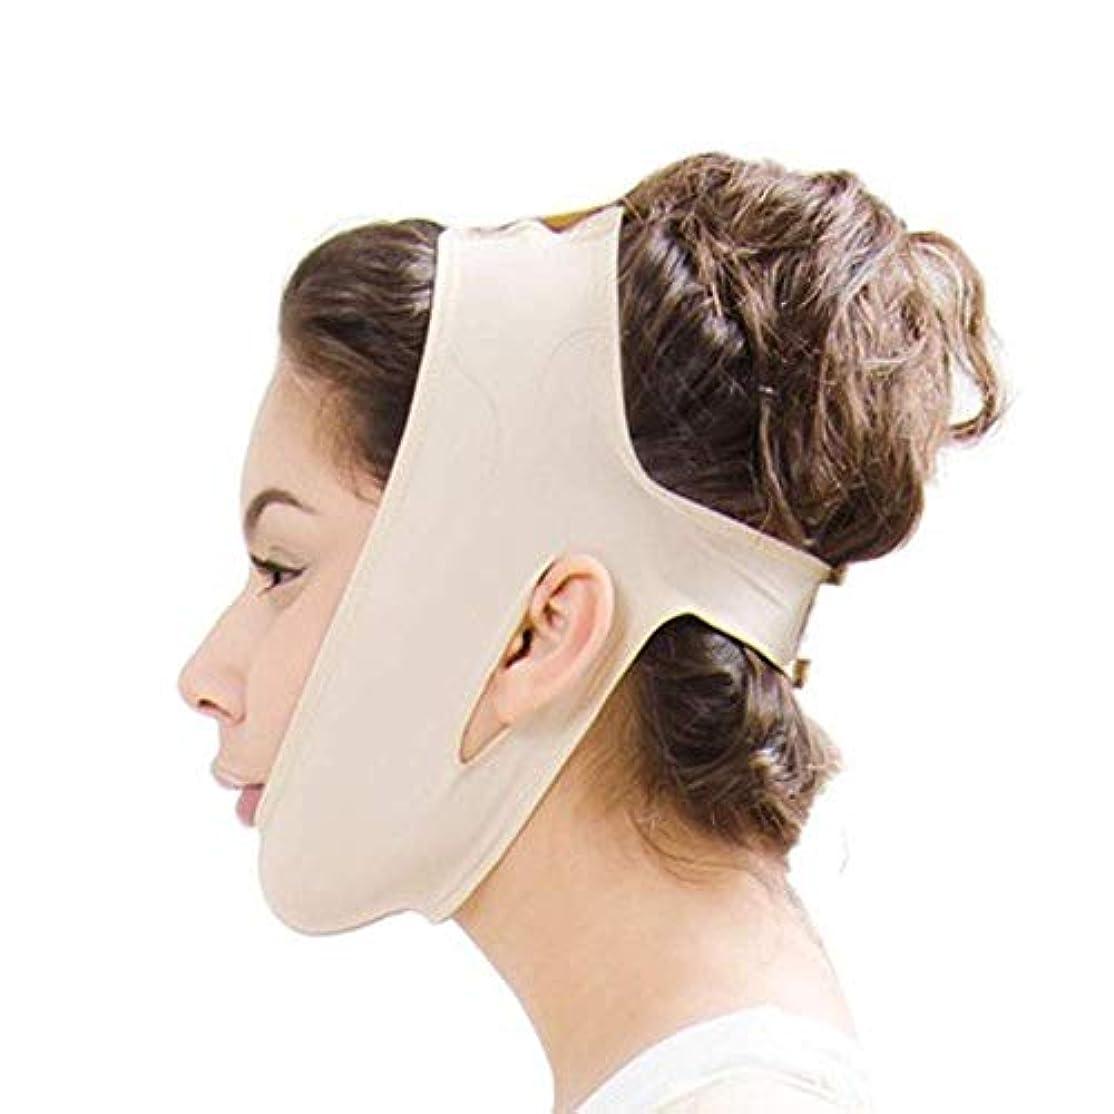 単位明確なピグマリオンフェイスリフティングマスク、フェイスダブルチンコンプレッションシンスモールVフェイスバンデージヘッドギアリフティングファーミングスキン(サイズ:M)